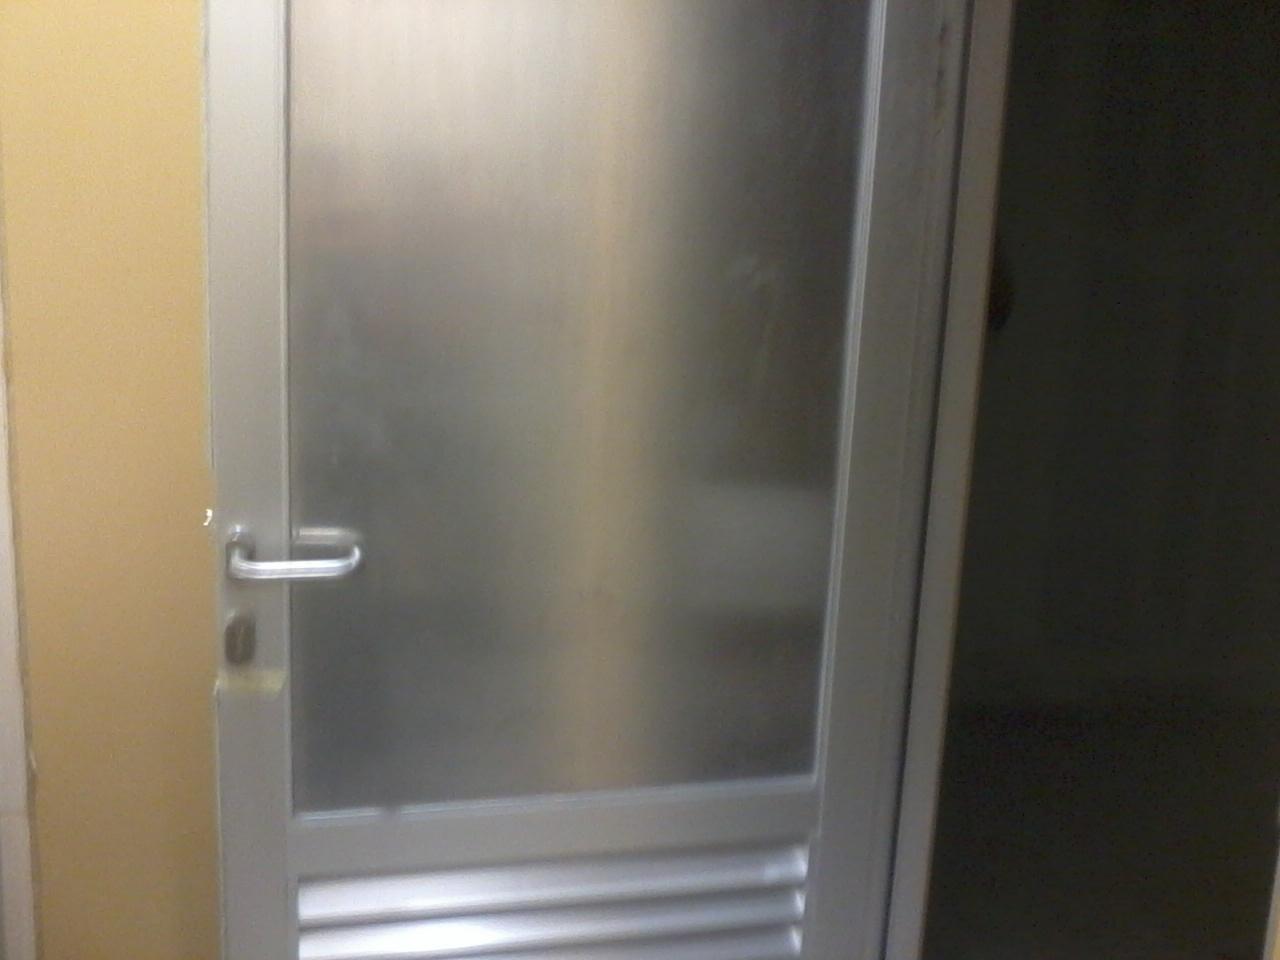 Gambar Pintu Kamar Mandi Kaca Kunci Berbagai Jenis Aluminium